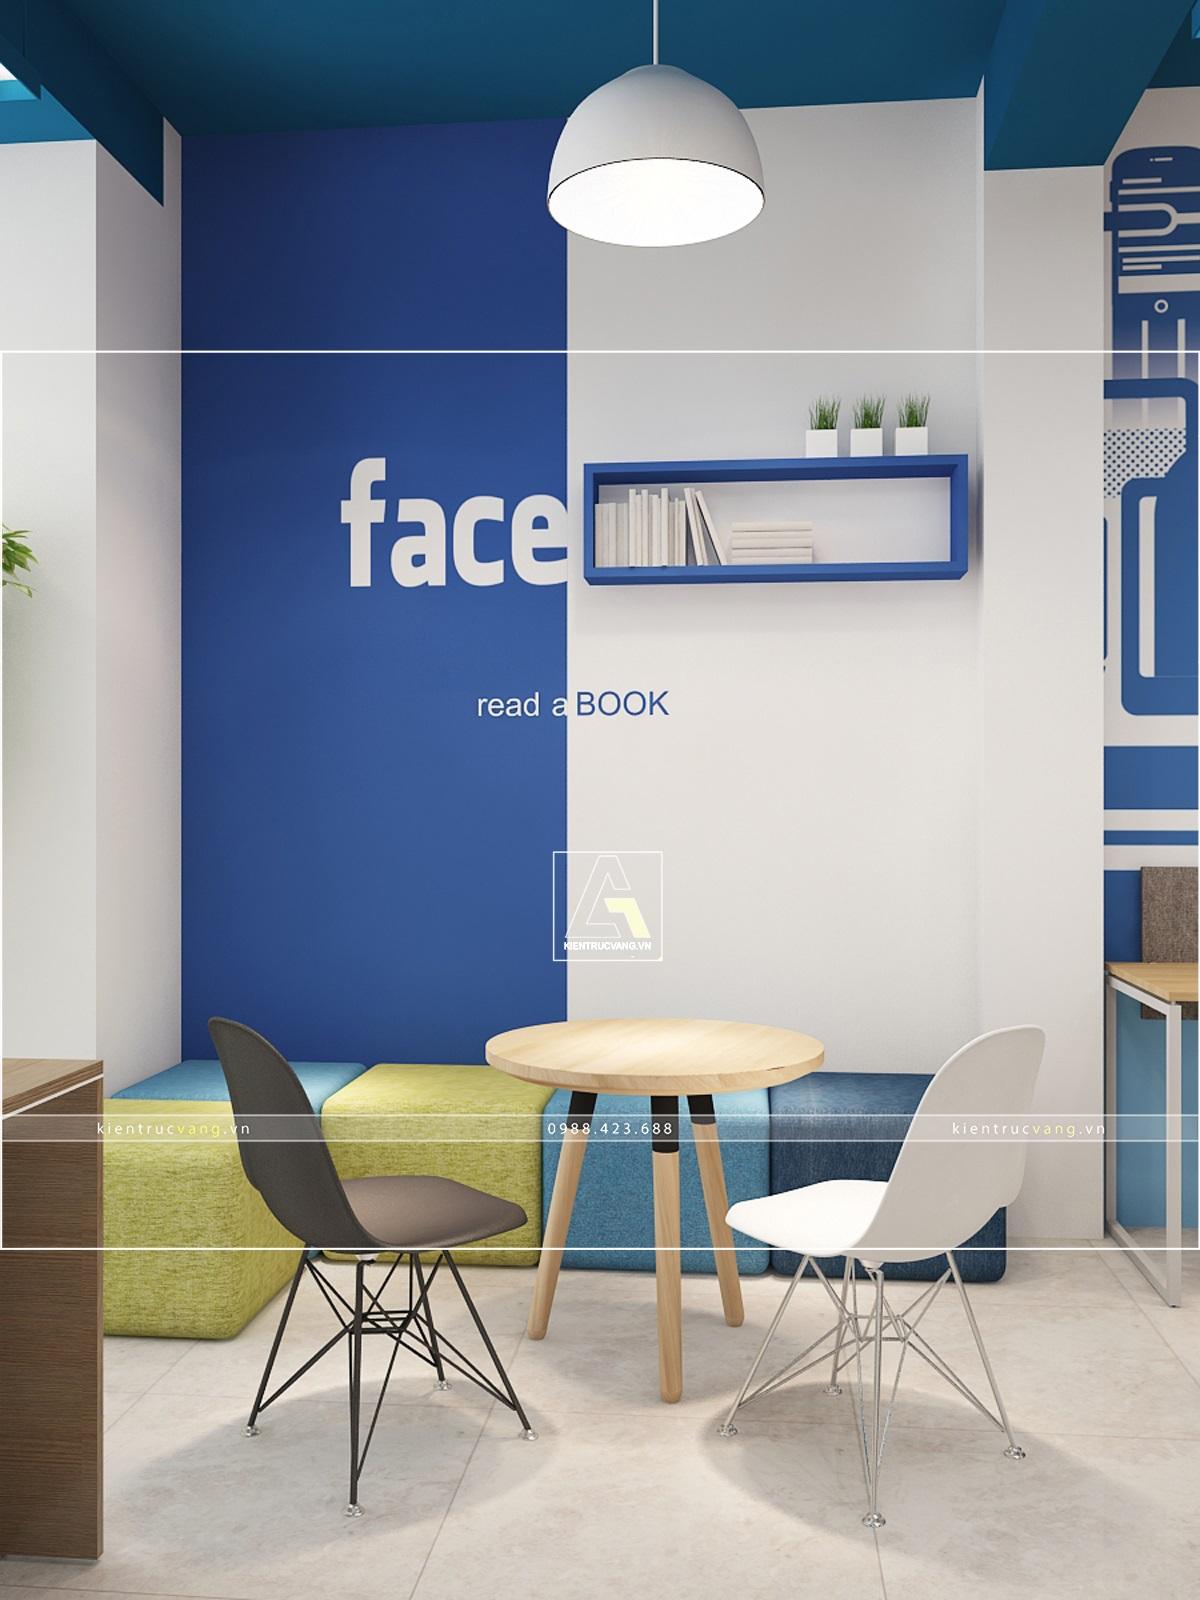 thiết kế nội thất Văn Phòng tại Hà Nội Thiết kế nội thất văn phòng Adcoffee cơ sở 2 Hà Nội 4 1530874040